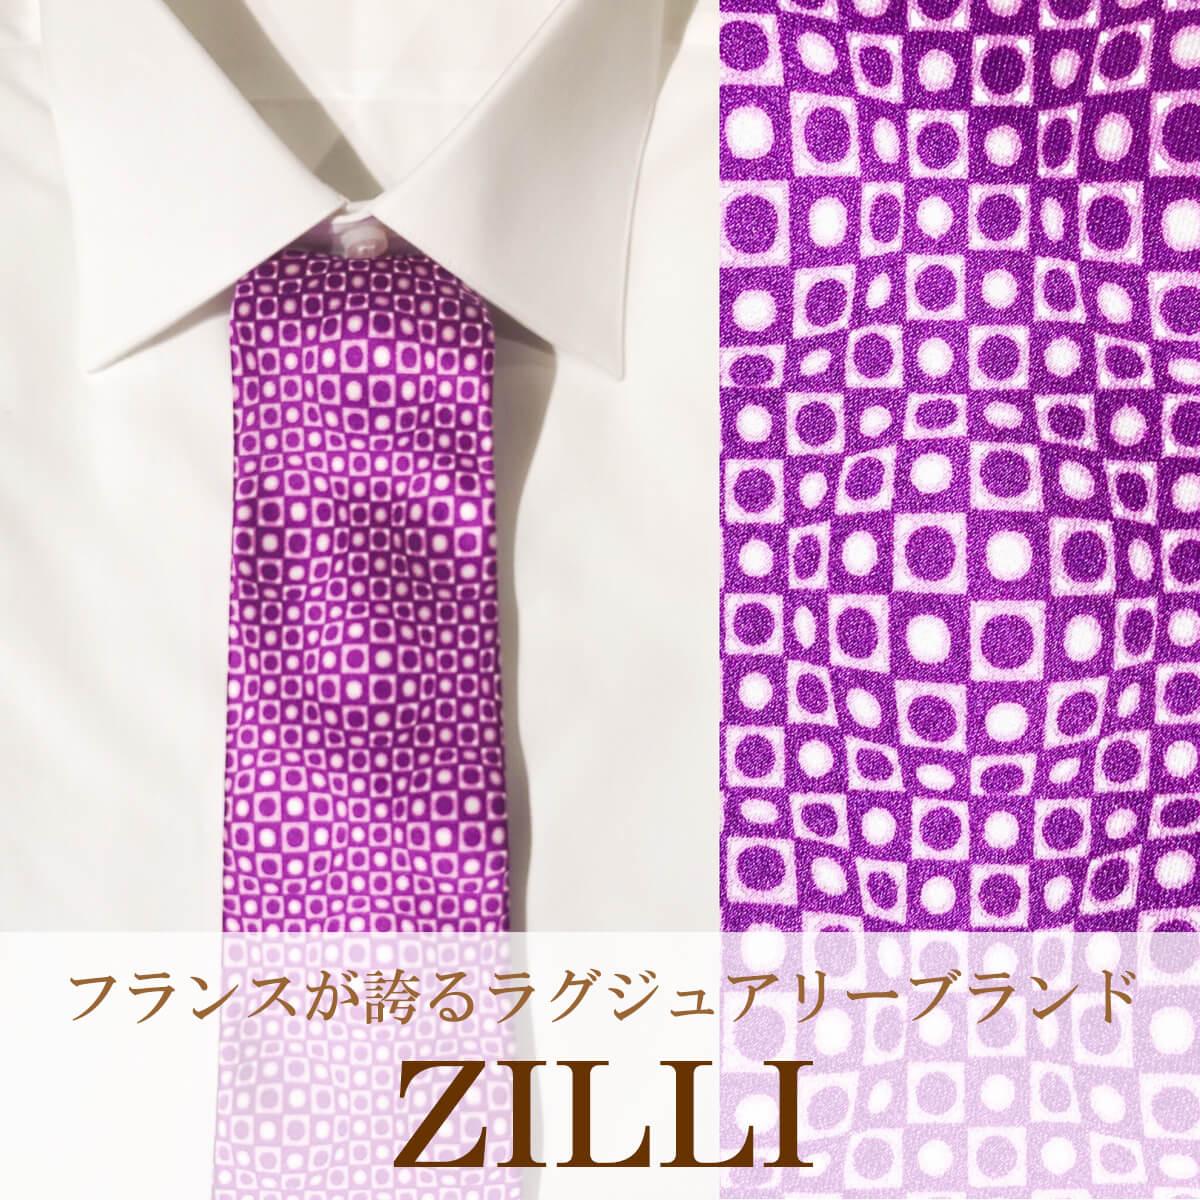 ZILLI (ジリー)ネクタイ ブランド ジリー ZILLI シルク プリント 柄 細身 パープル 紫 結婚式 パーティー おしゃれ